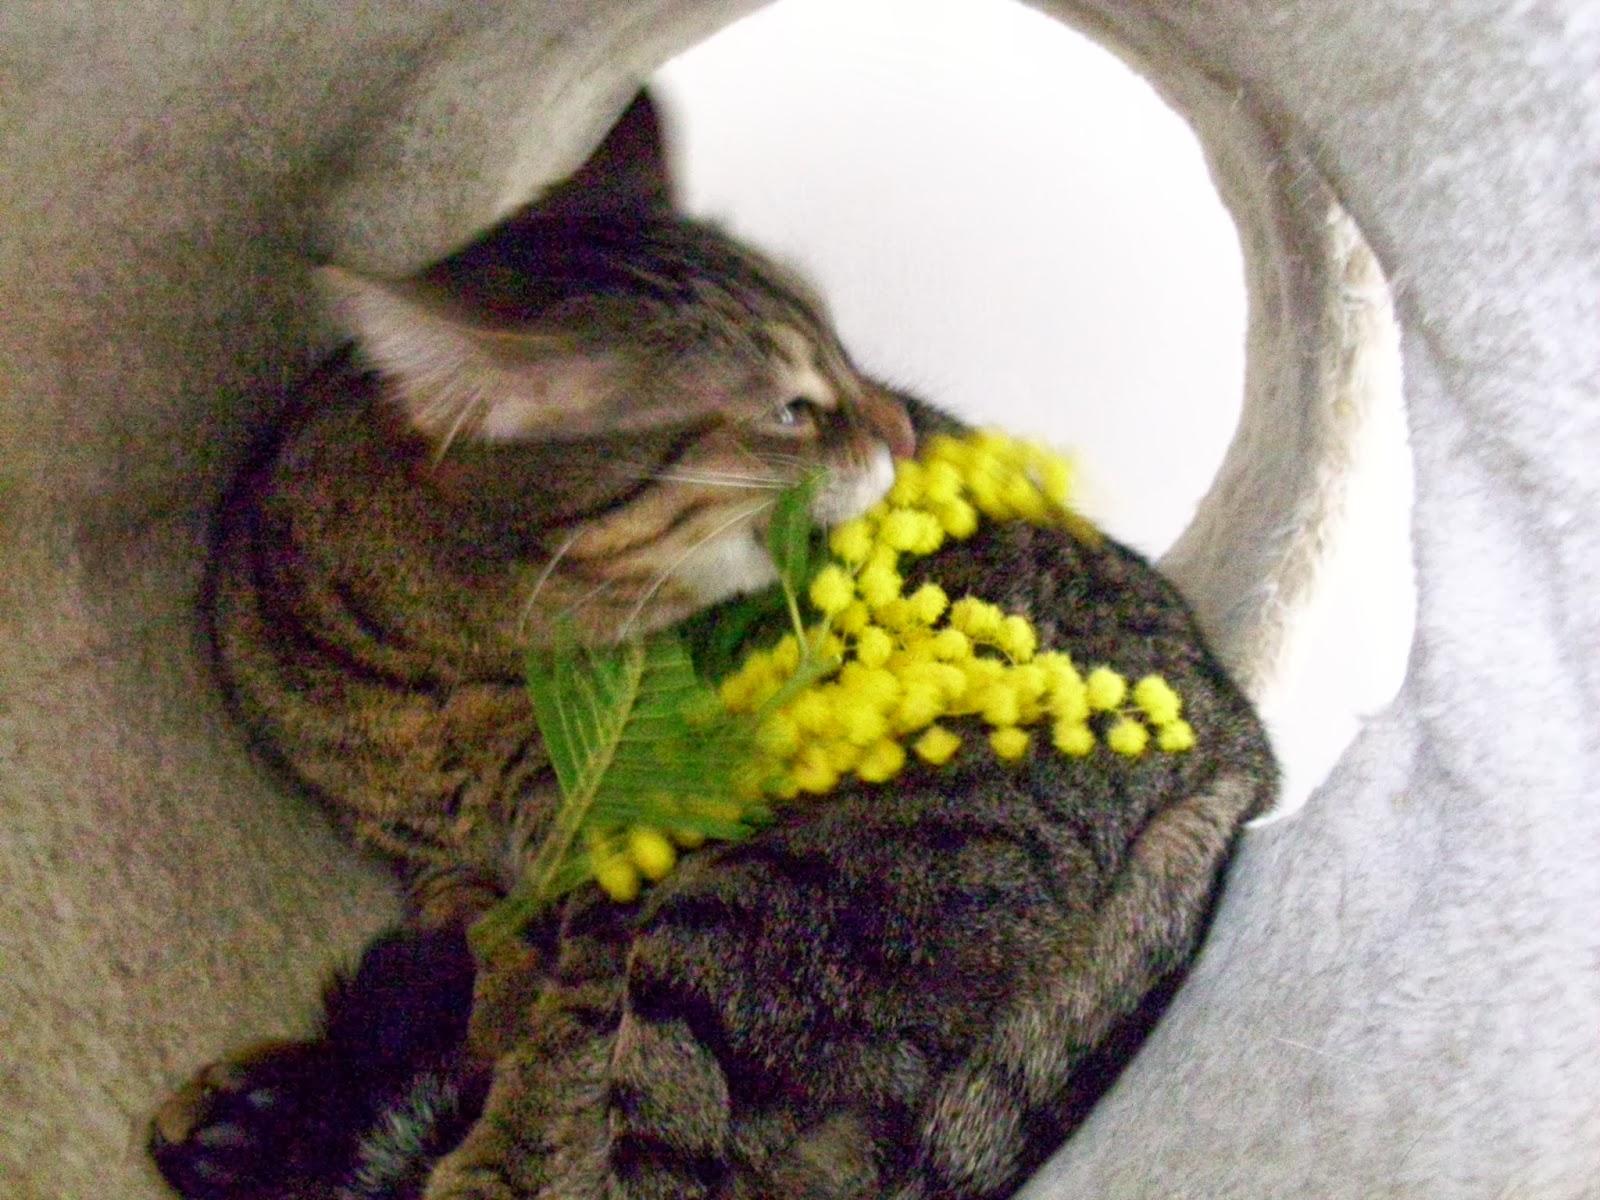 La mia gatta, Tatina, che sgranocchia una mimosa